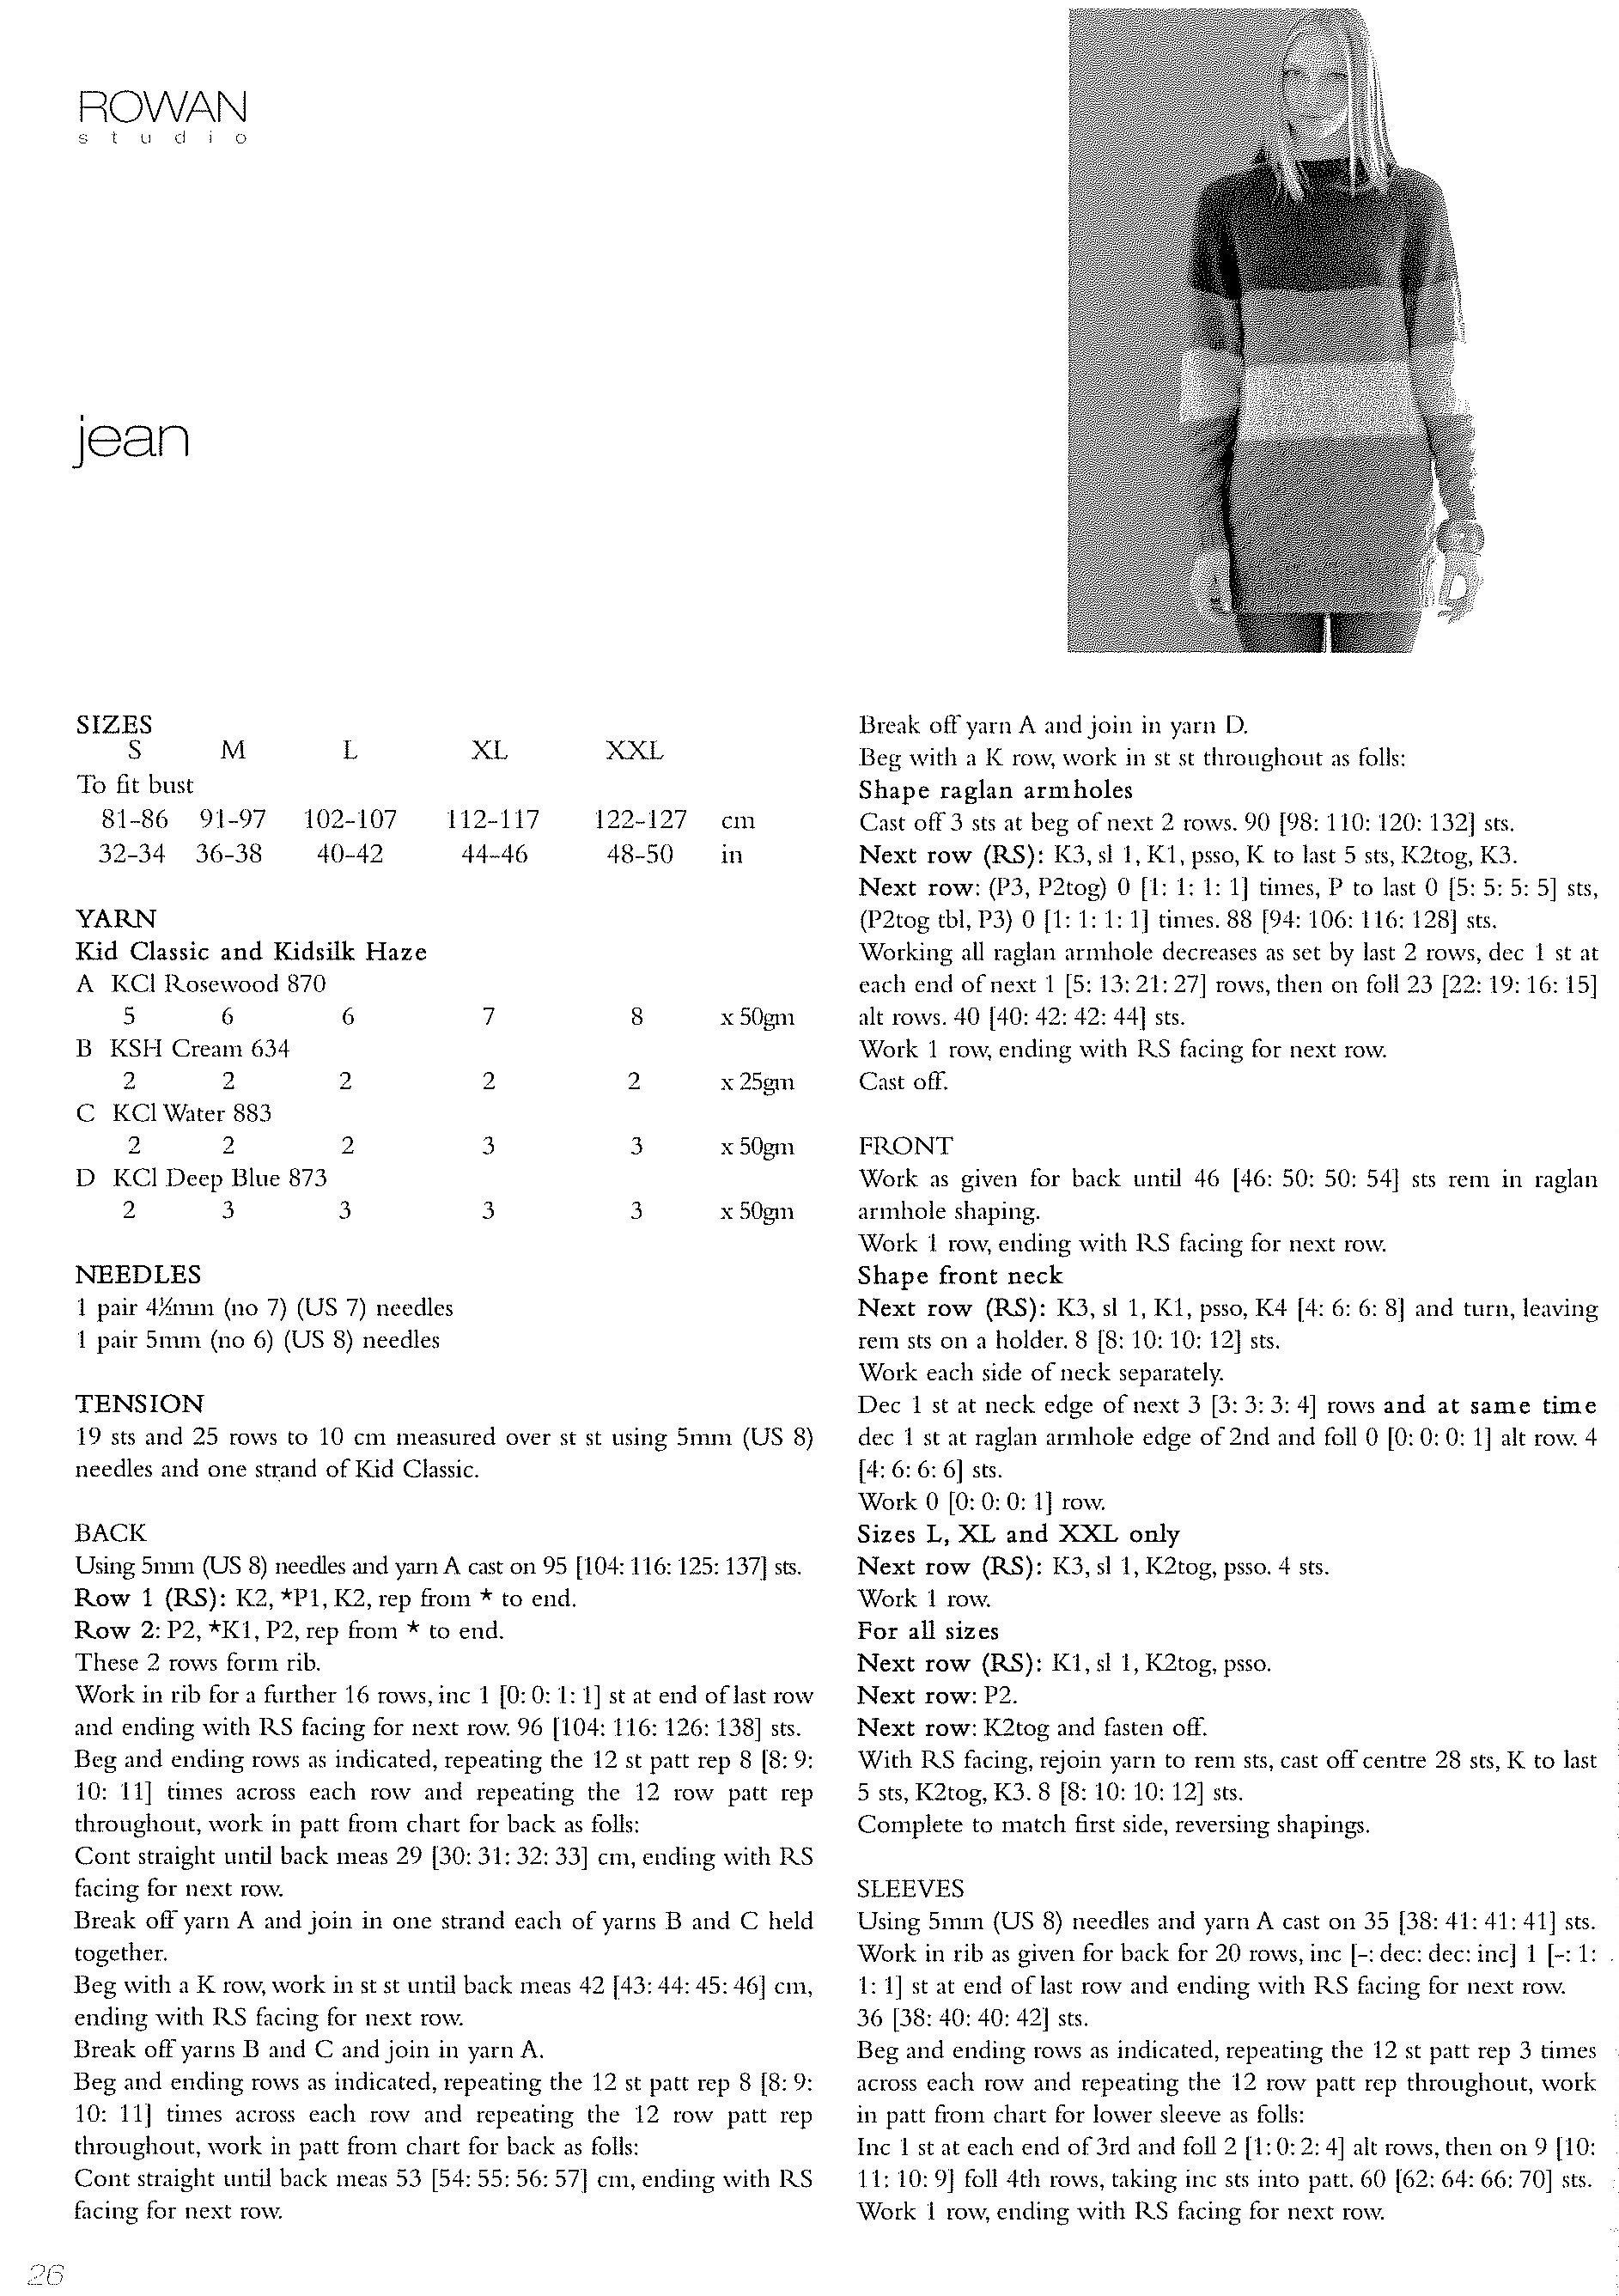 jean_1.jpg